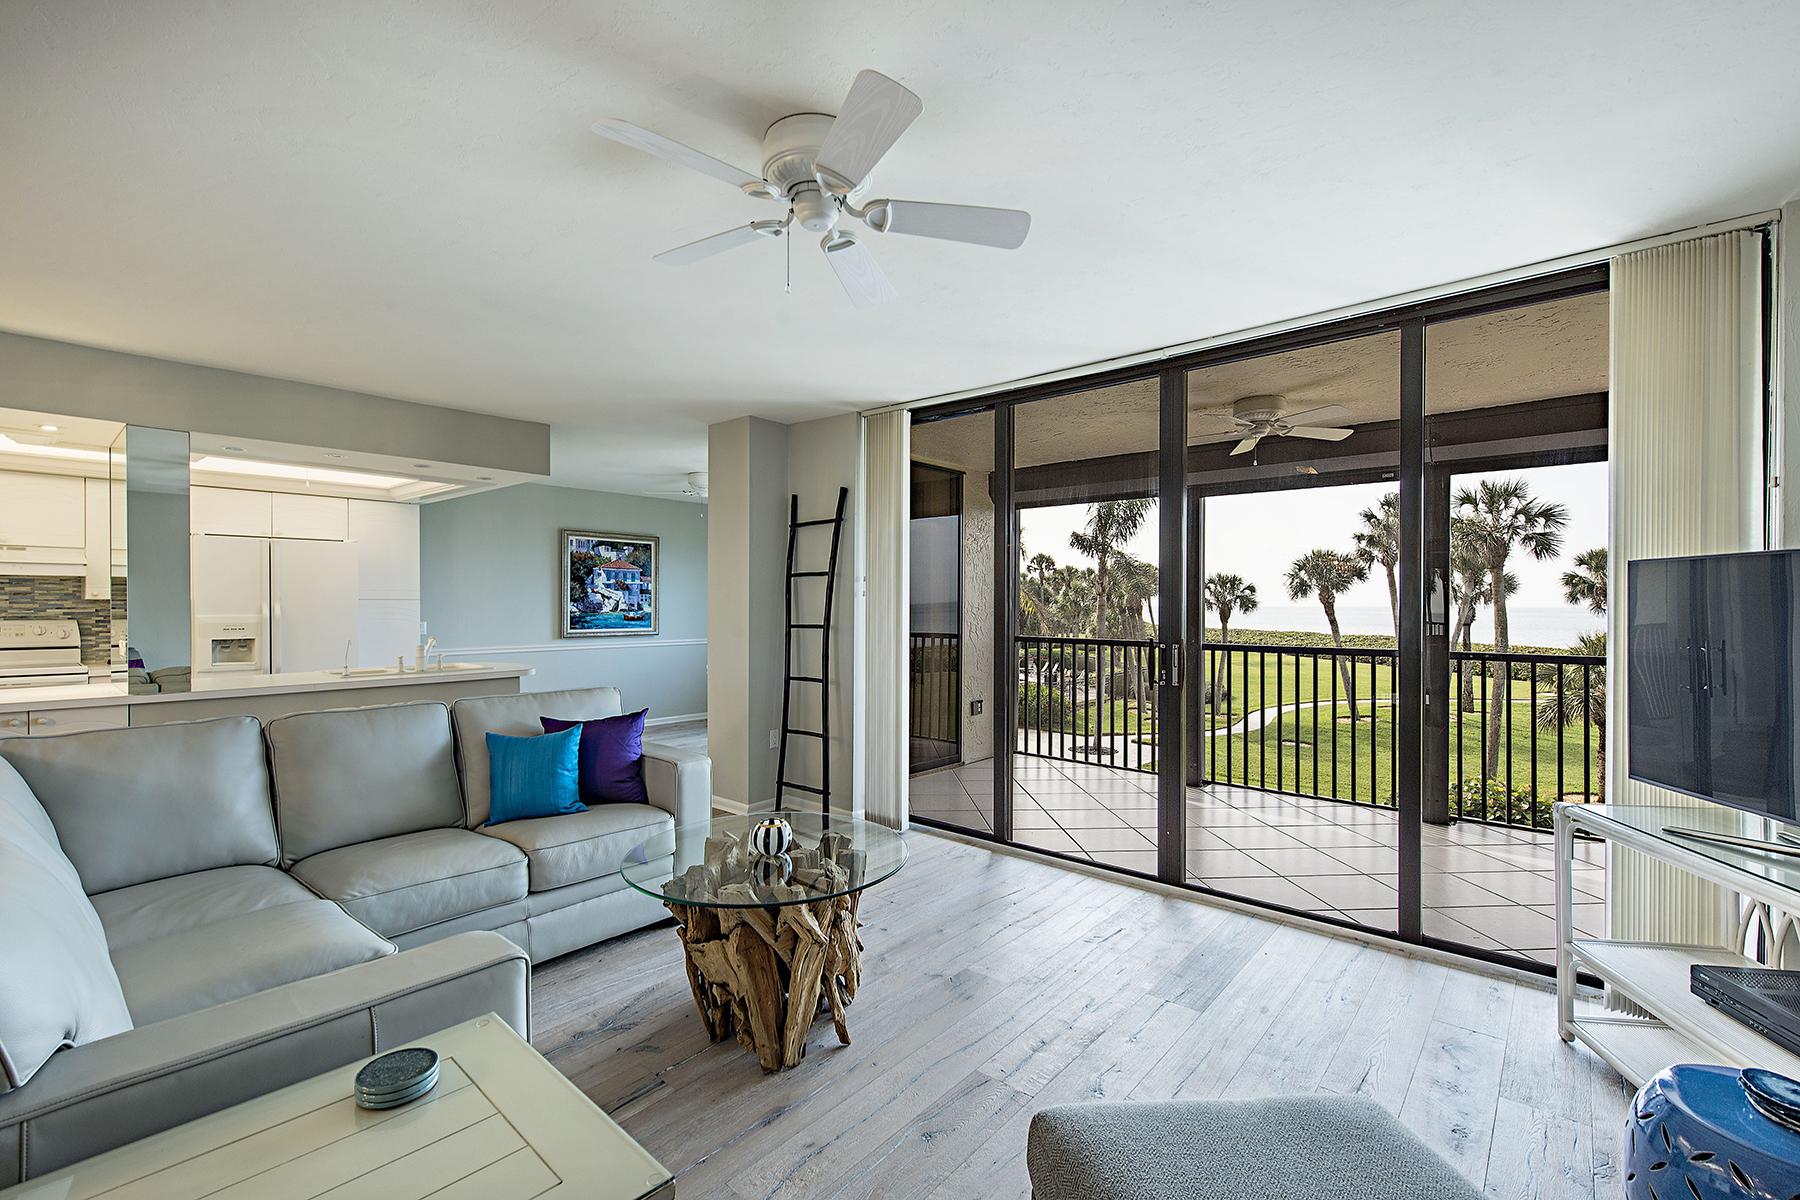 共管式独立产权公寓 为 销售 在 VANDERBILT BEACH - VANDERBILT GULF SHORE 10951 Gulf Shore Dr 104 那不勒斯, 佛罗里达州, 34108 美国